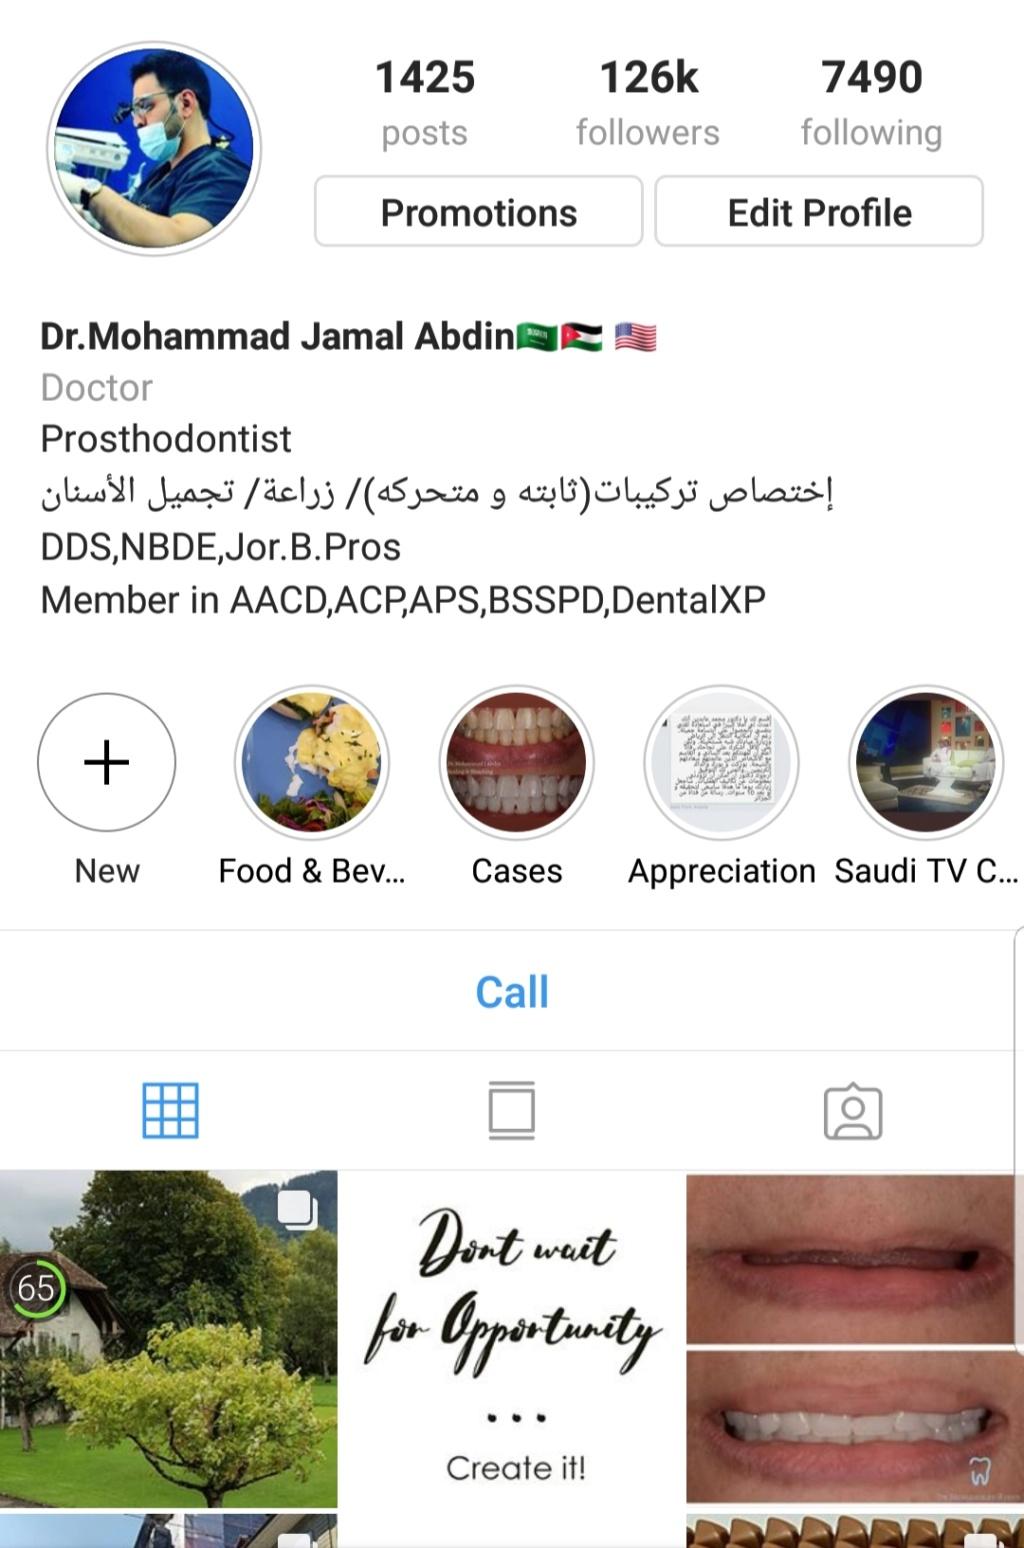 أخصائي تجميل وزراعه الأسنان فى سافي لطب وتجميل الأسنان 4c27a910